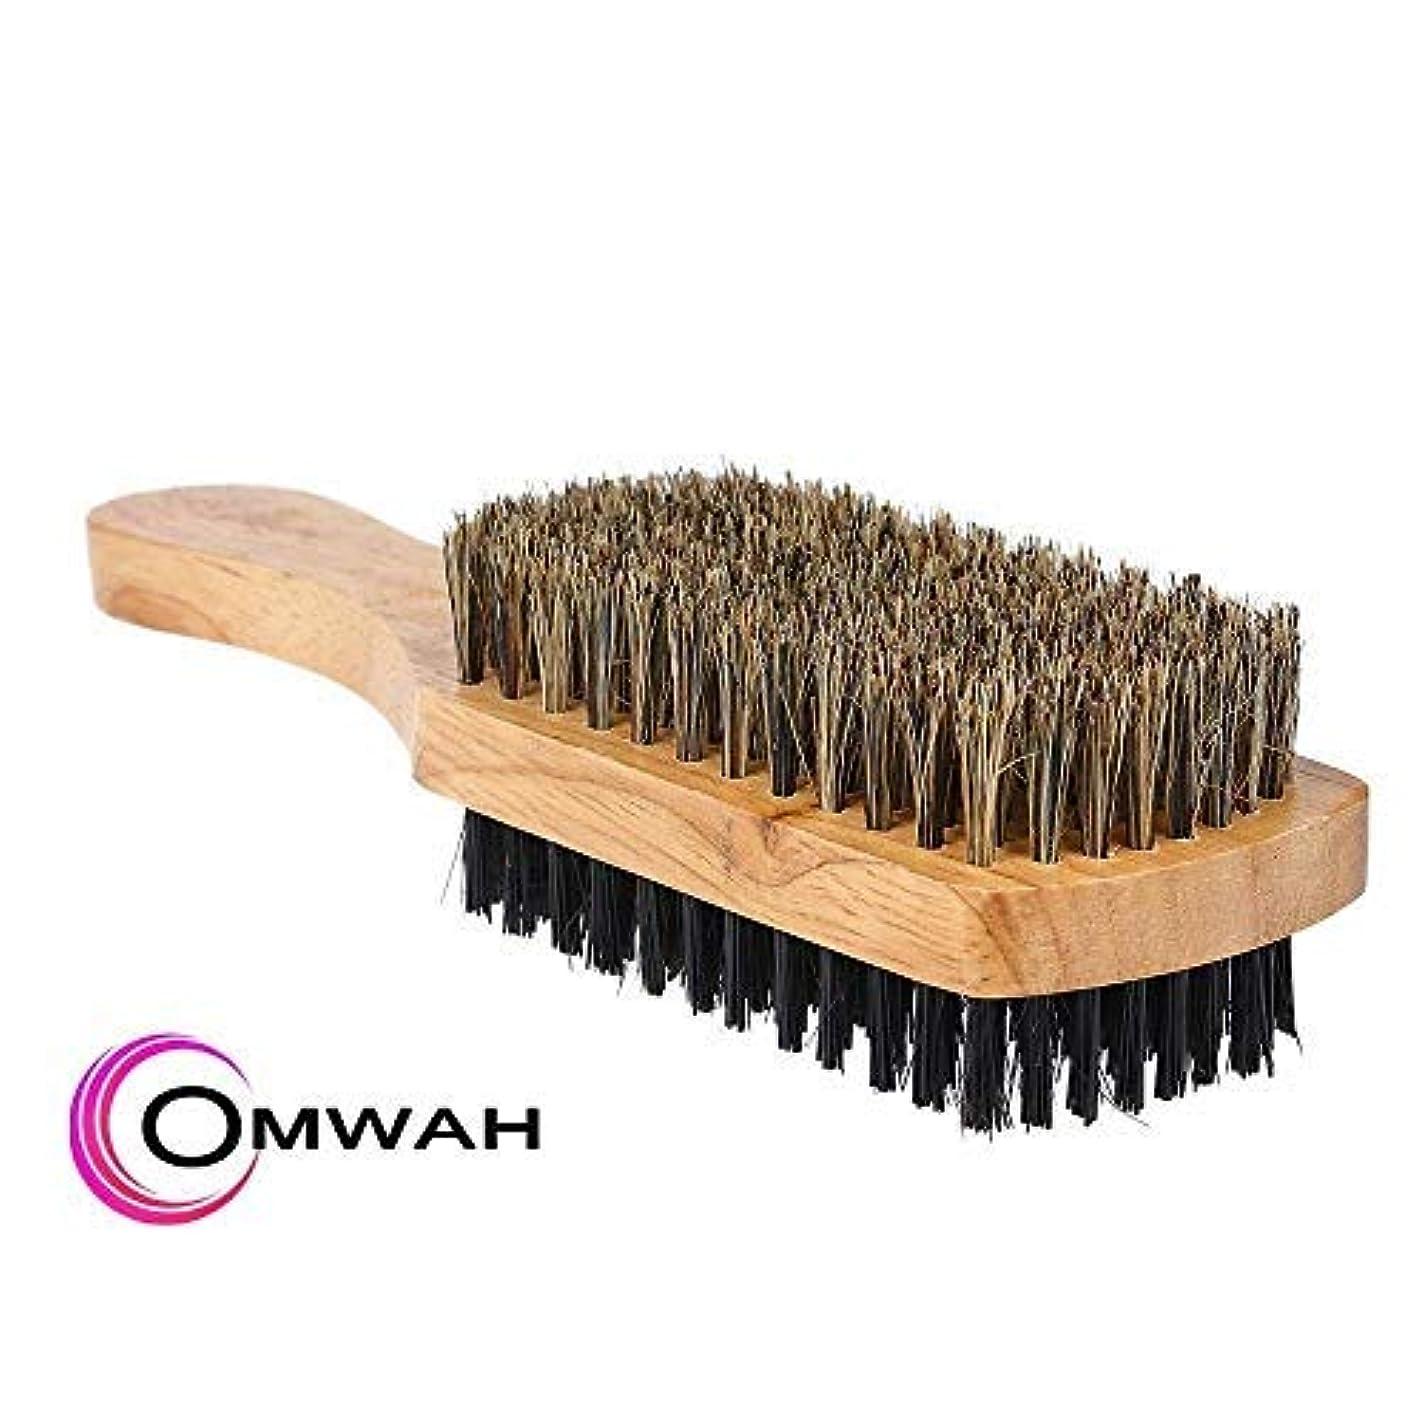 初心者汗垂直Omwah Double Sided 2 Sided Facial Hairbrush Styling Beard Brush Mens Boar Bristle [並行輸入品]